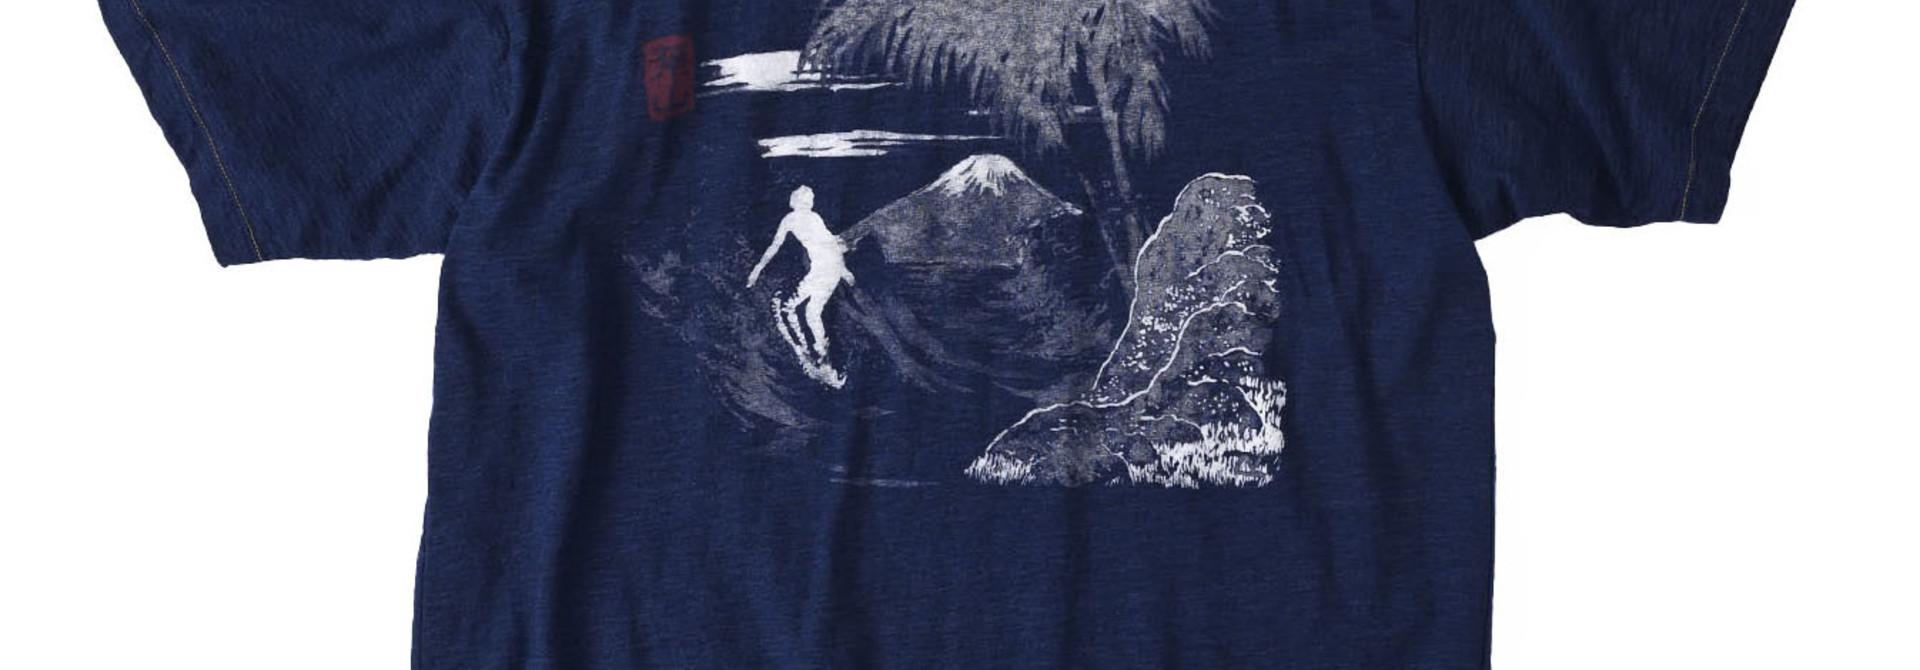 Indigo Ukiyo de Surf 908 Ocean T-shirt (0621)